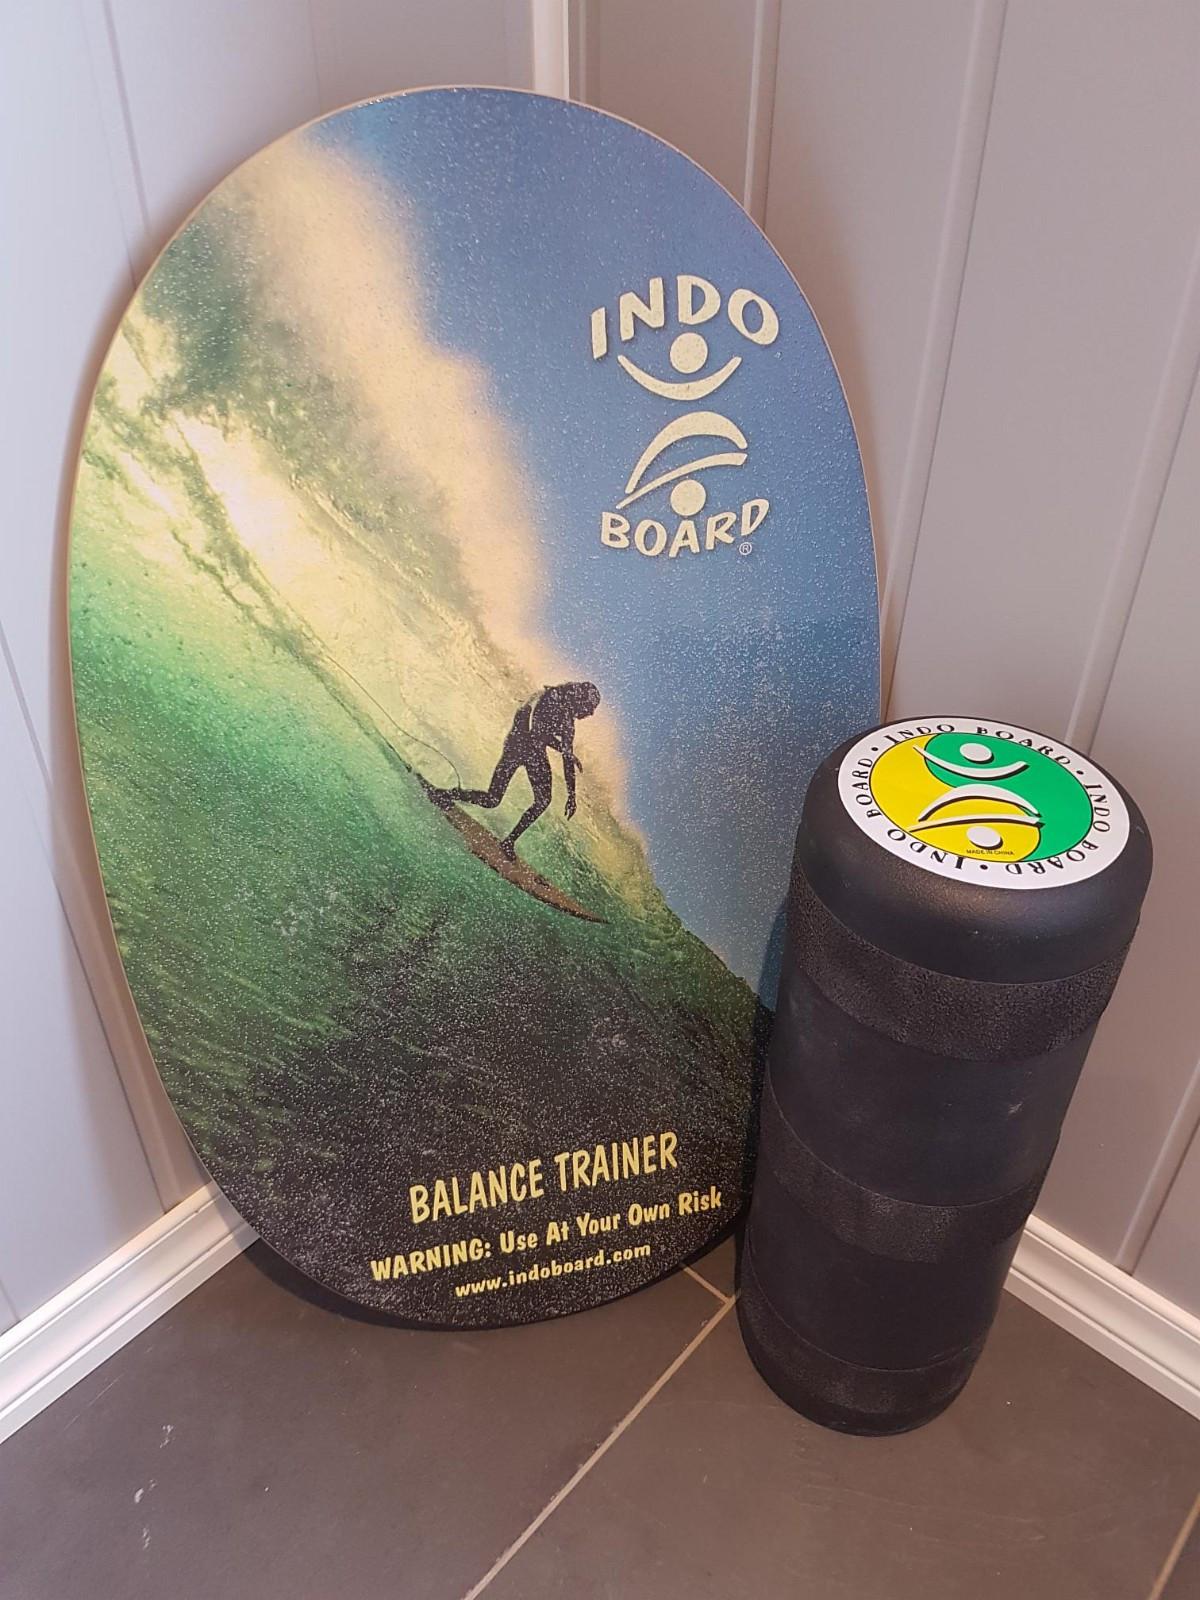 Indo Board Orginal - Indo Natural Surf - Nesttun  - Indoboard balansetrener med tøft surfemotiv i blått og grønt, bra brett som ser kult ut.  Indoboard original er den letteste modellen å lære indoboarding på for personer i alle aldre og ferdigheter. Hovedpoenget er å stå på brettet s